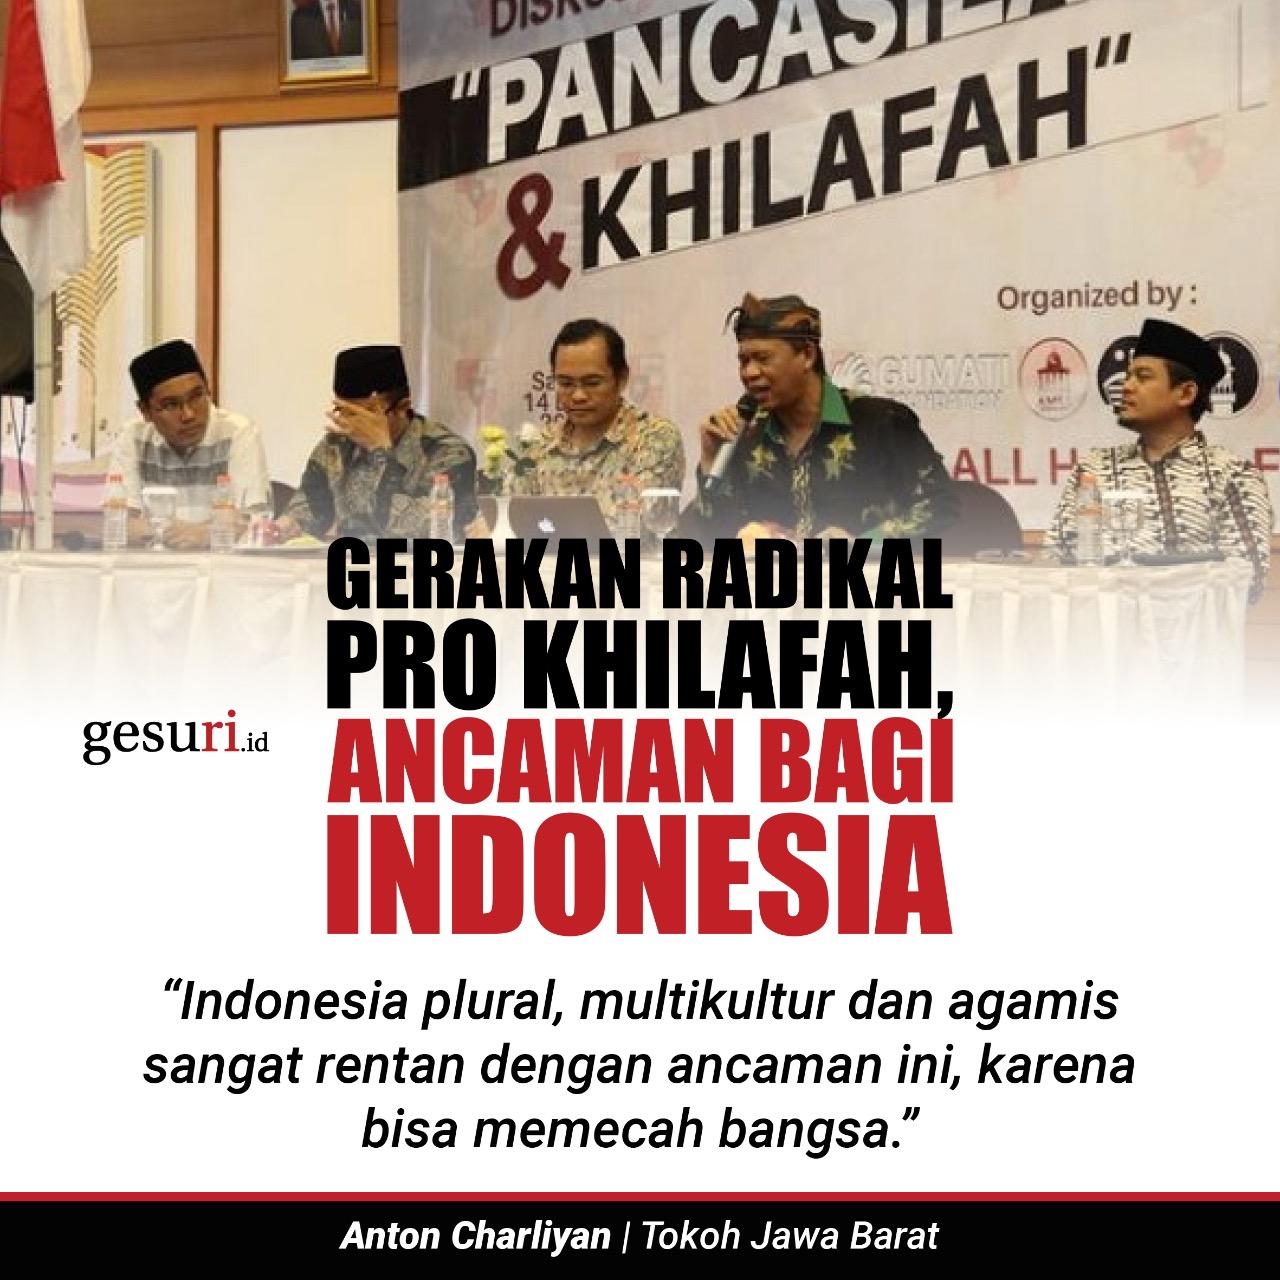 Gerakan Radikal Pro Khilafah, Ancaman Bagi Indonesia